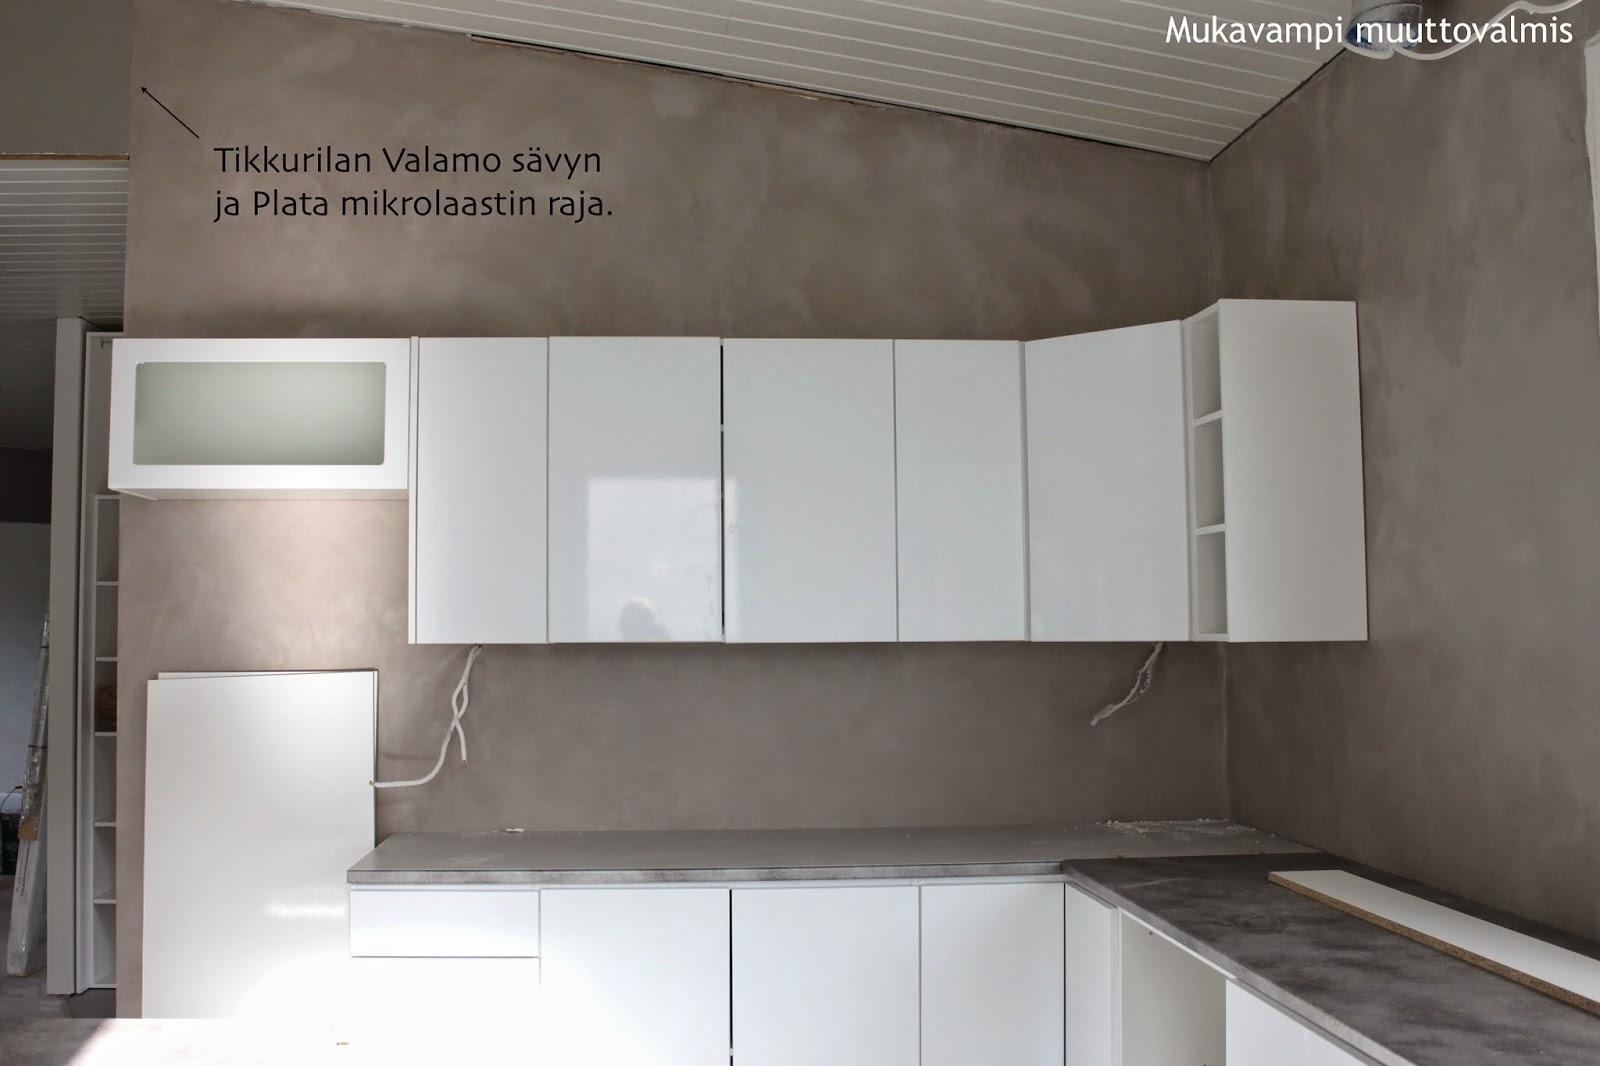 Keittiön välitila mikrosementti – Koti ja villieläinten